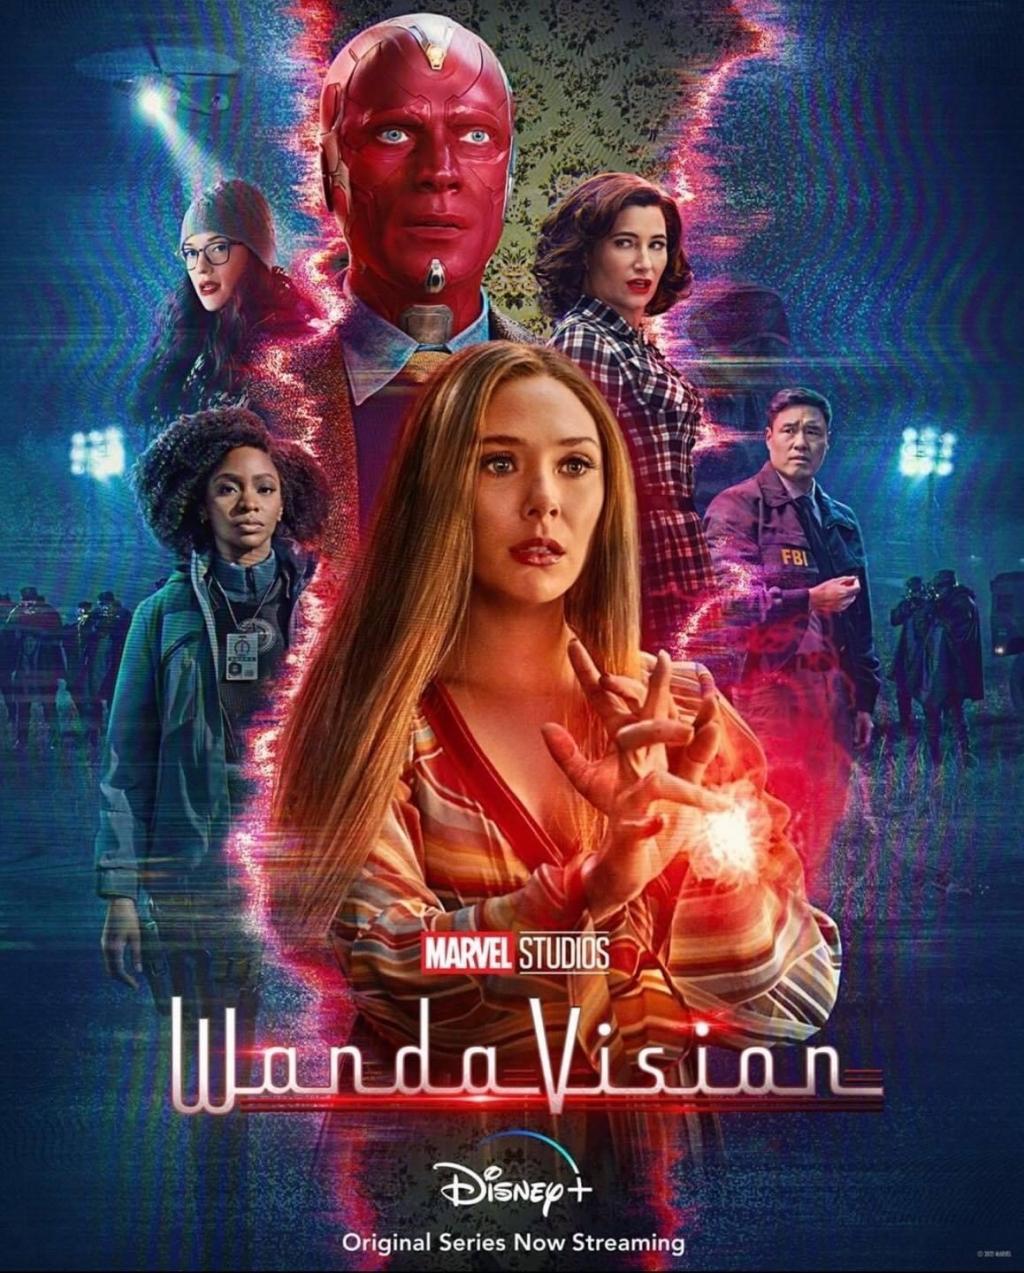 Chuyện đáng sợ chưa kể từ WandaVision: Wanda thực sự đã 'cướp' xác của Vision từ 'Endgame'